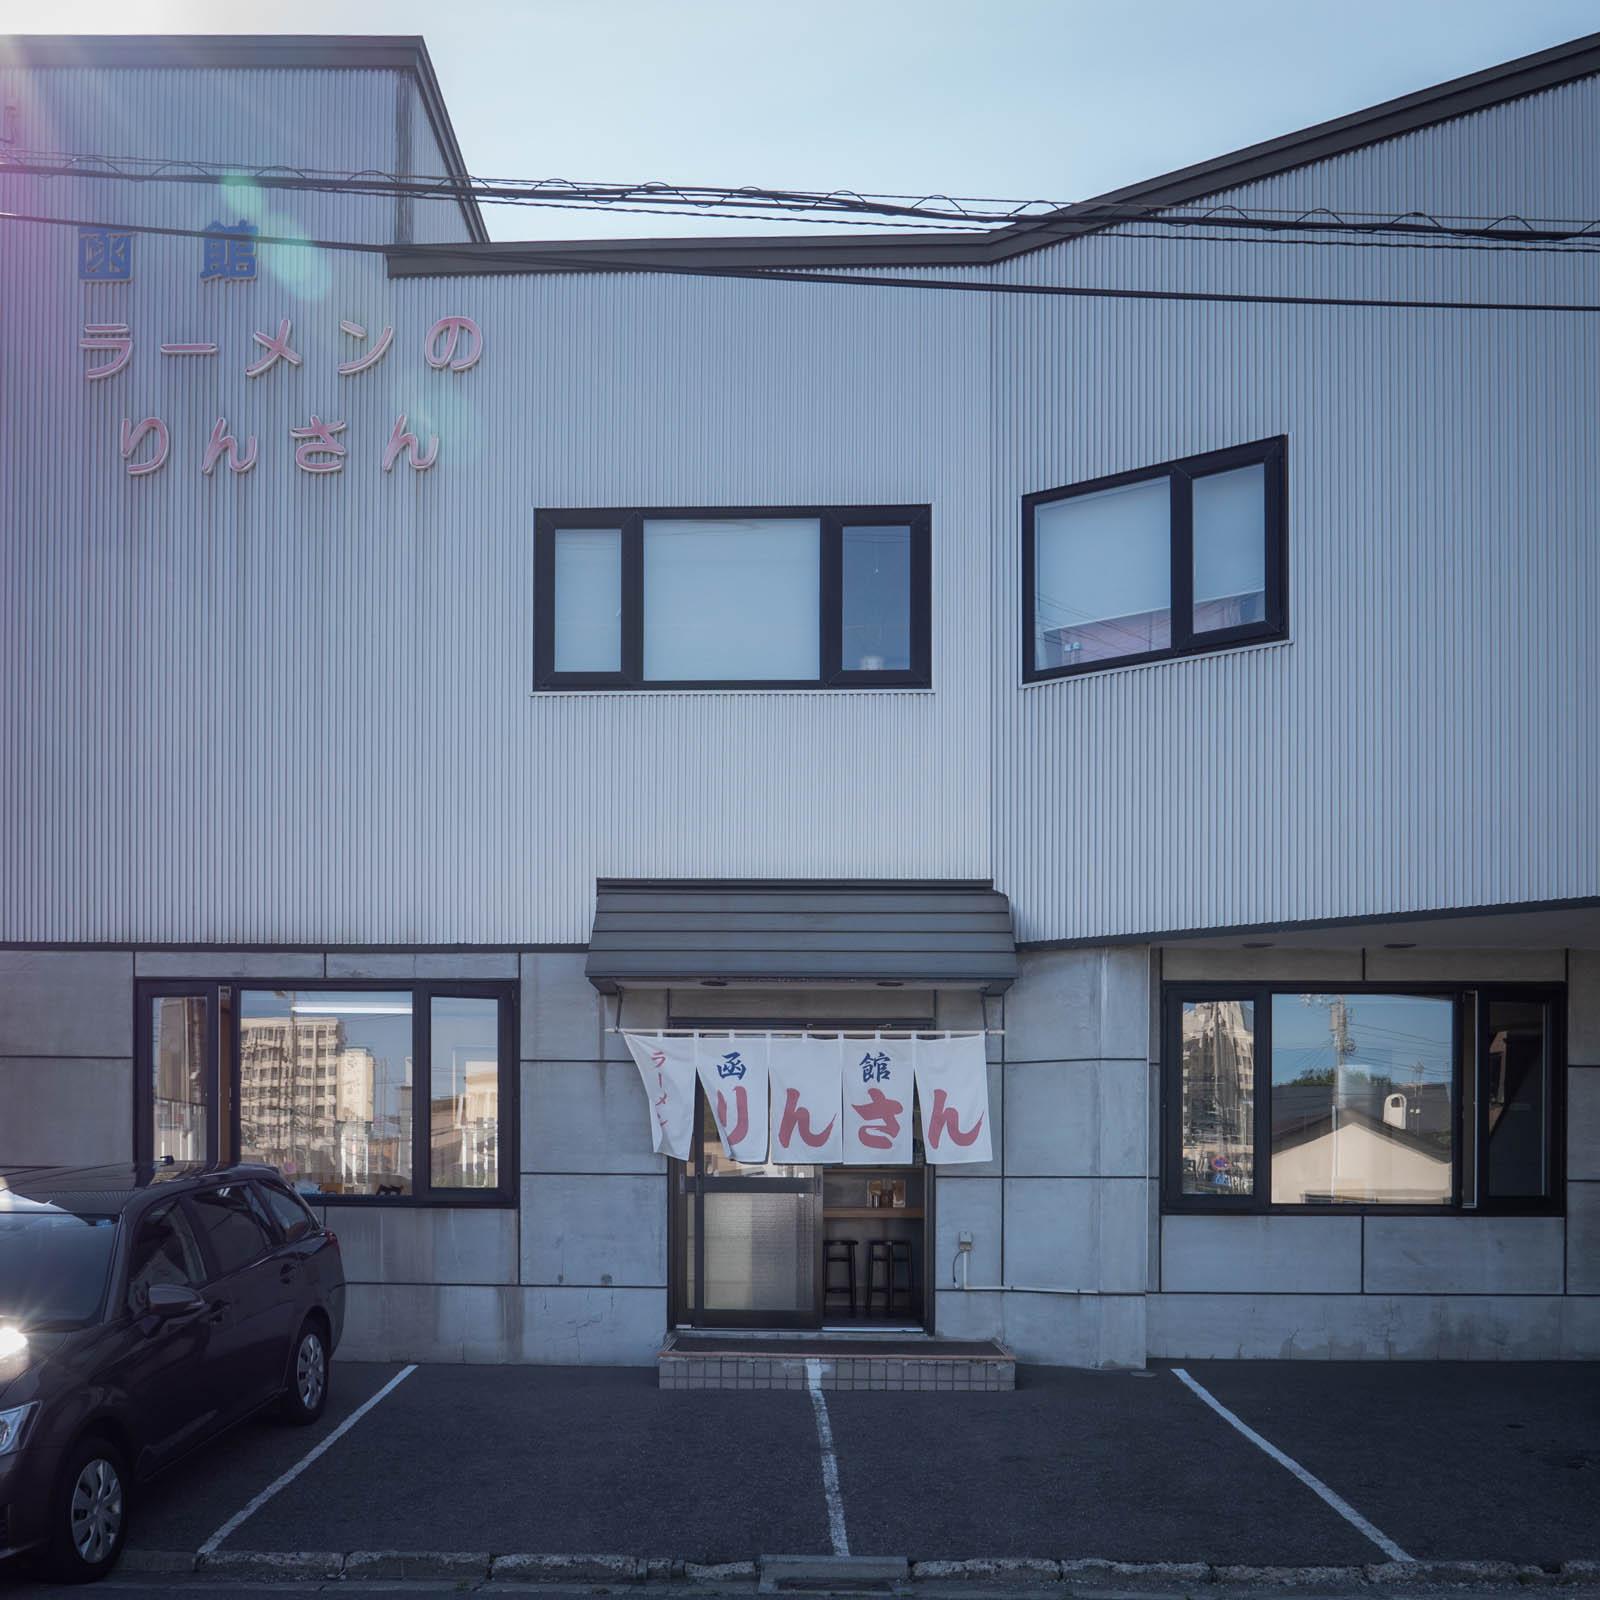 函館市湯川「りんさん」の店舗外観